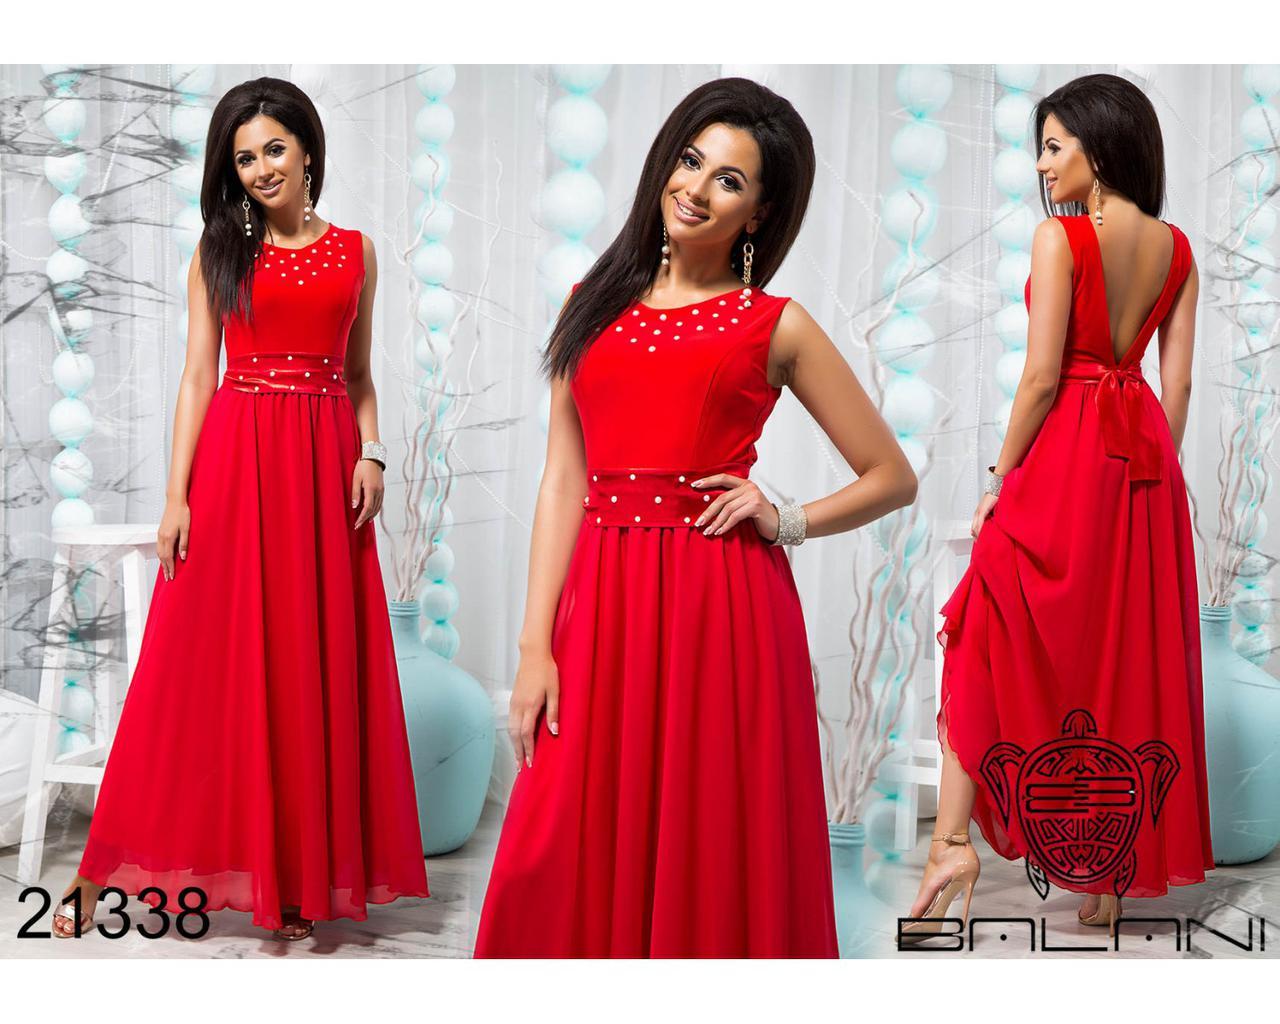 a3e7fb22ee5 Вечернее платье с открытой спиной купить недорого Производитель Украина  интернет-магазин Россия СНГ р.42-46